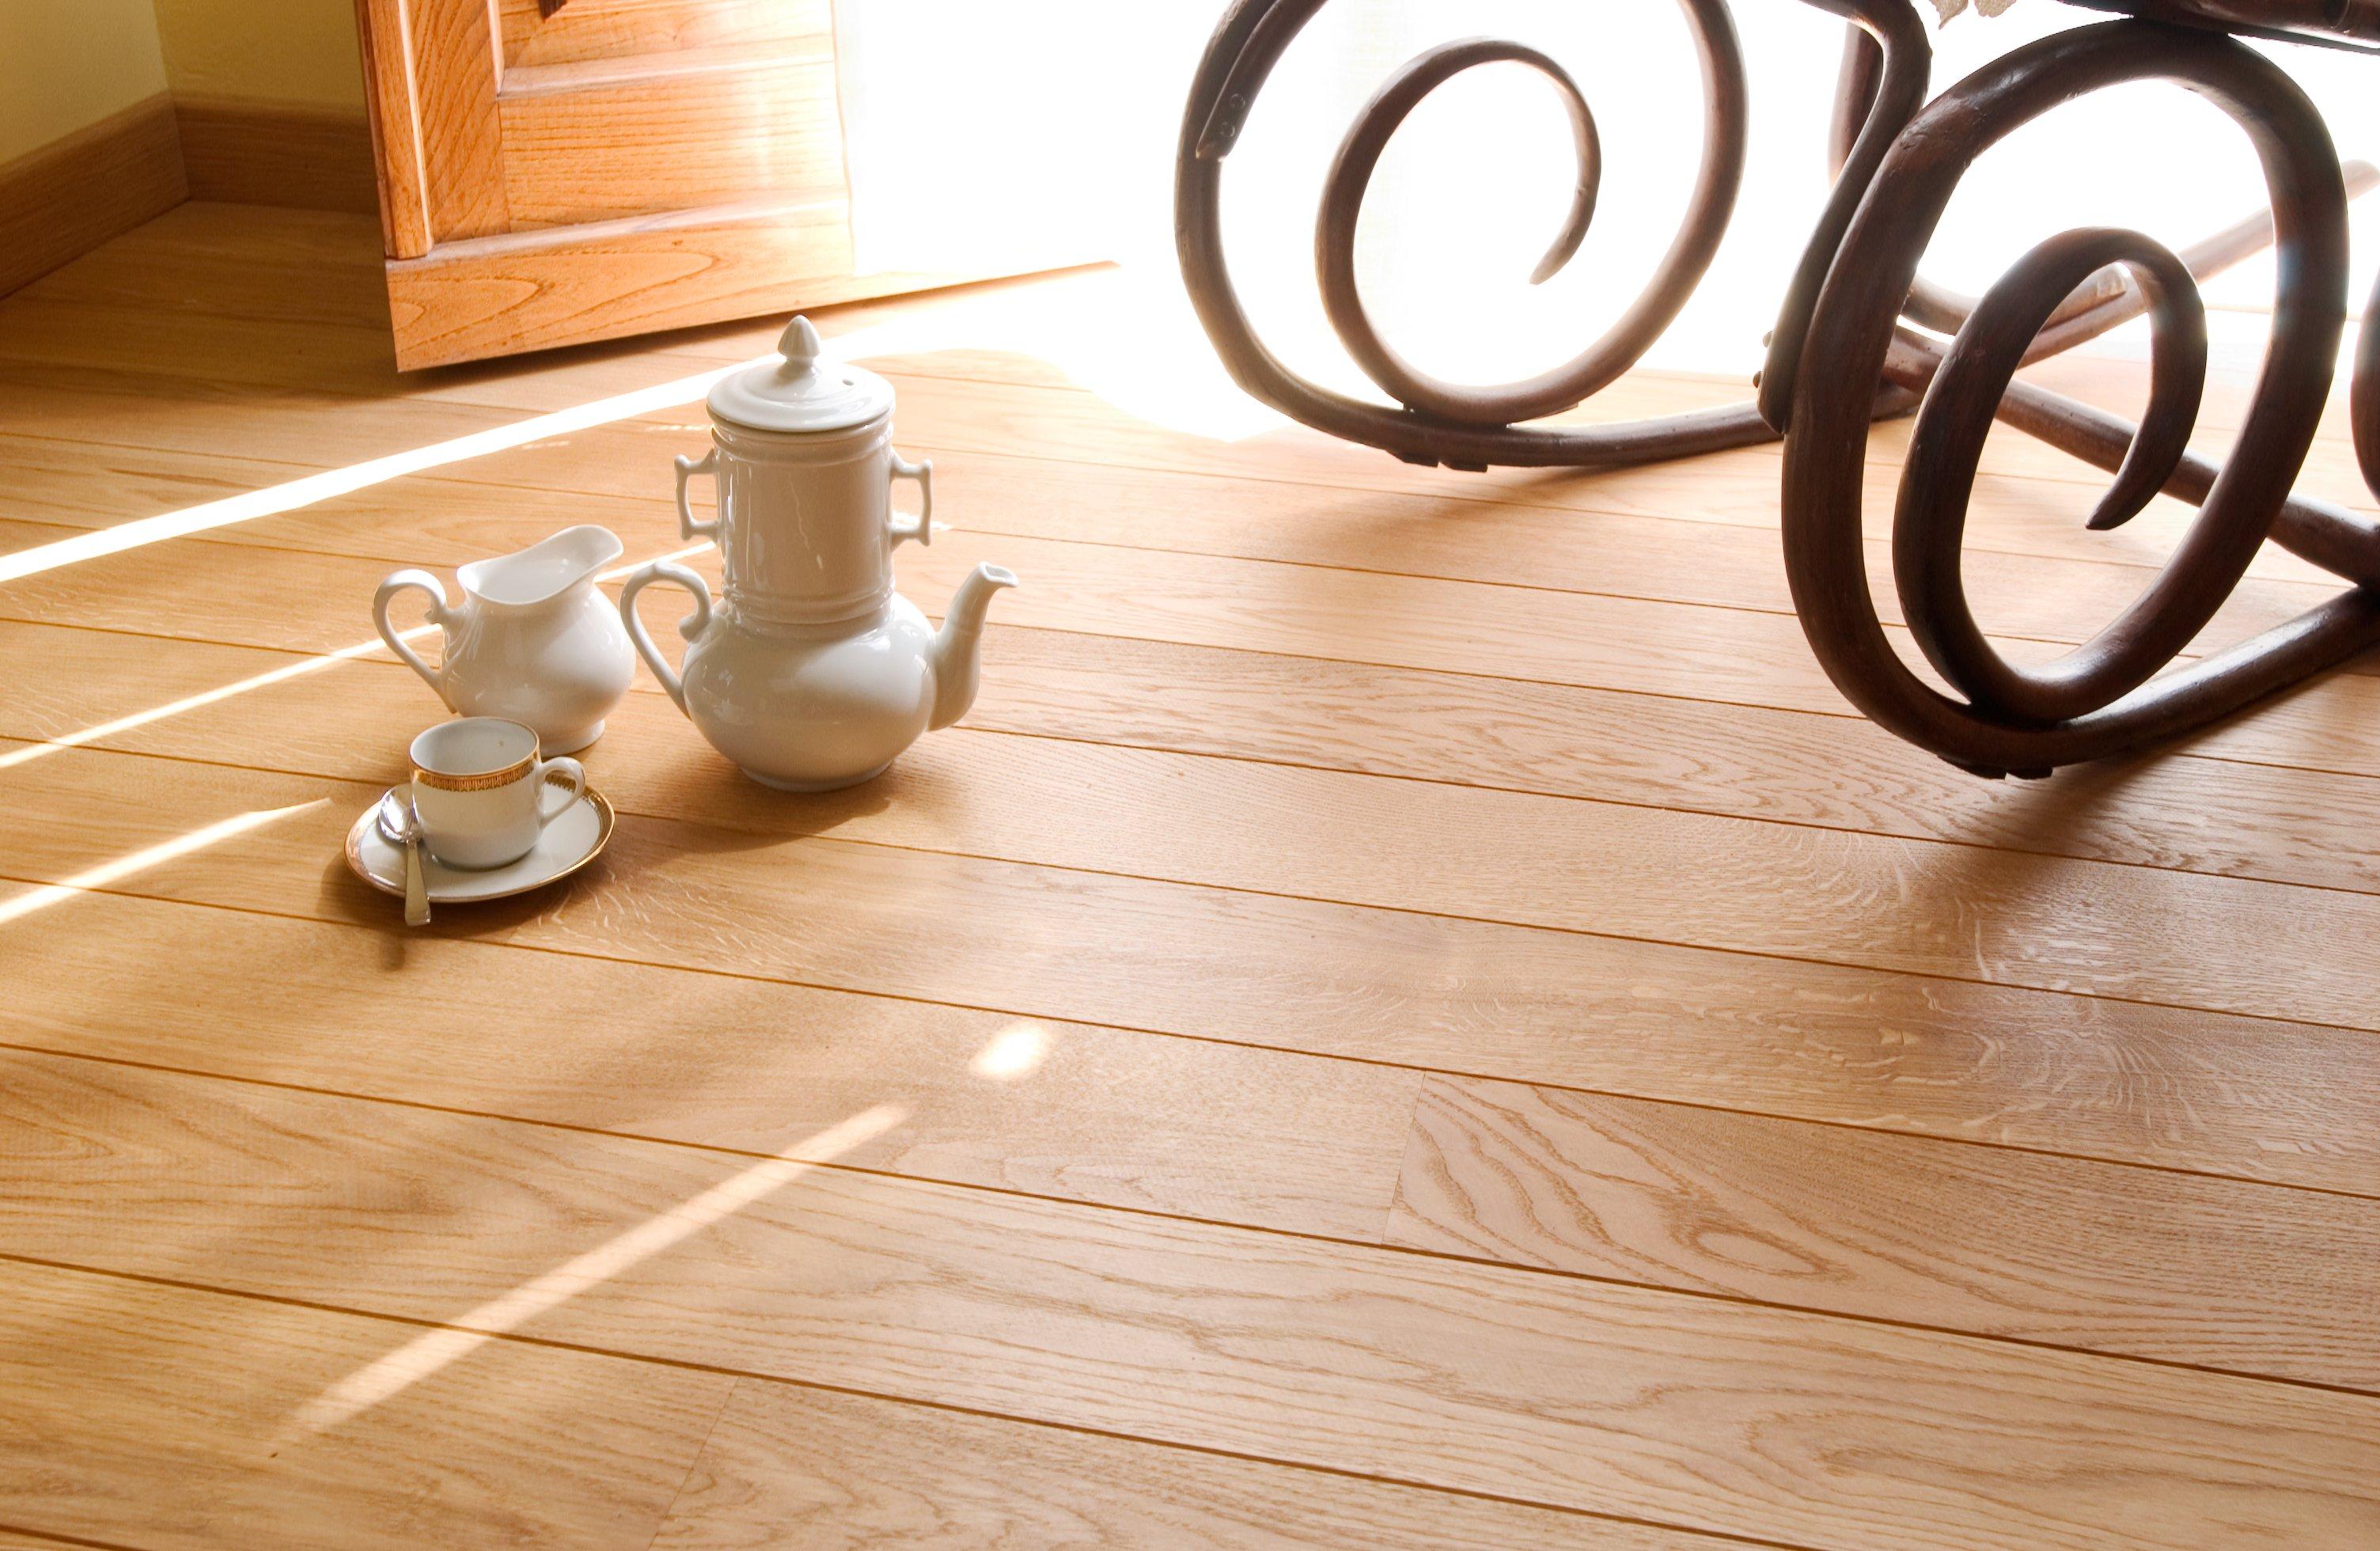 Linea antica ferriera parquet pavimento in legno massello for Spessore parquet